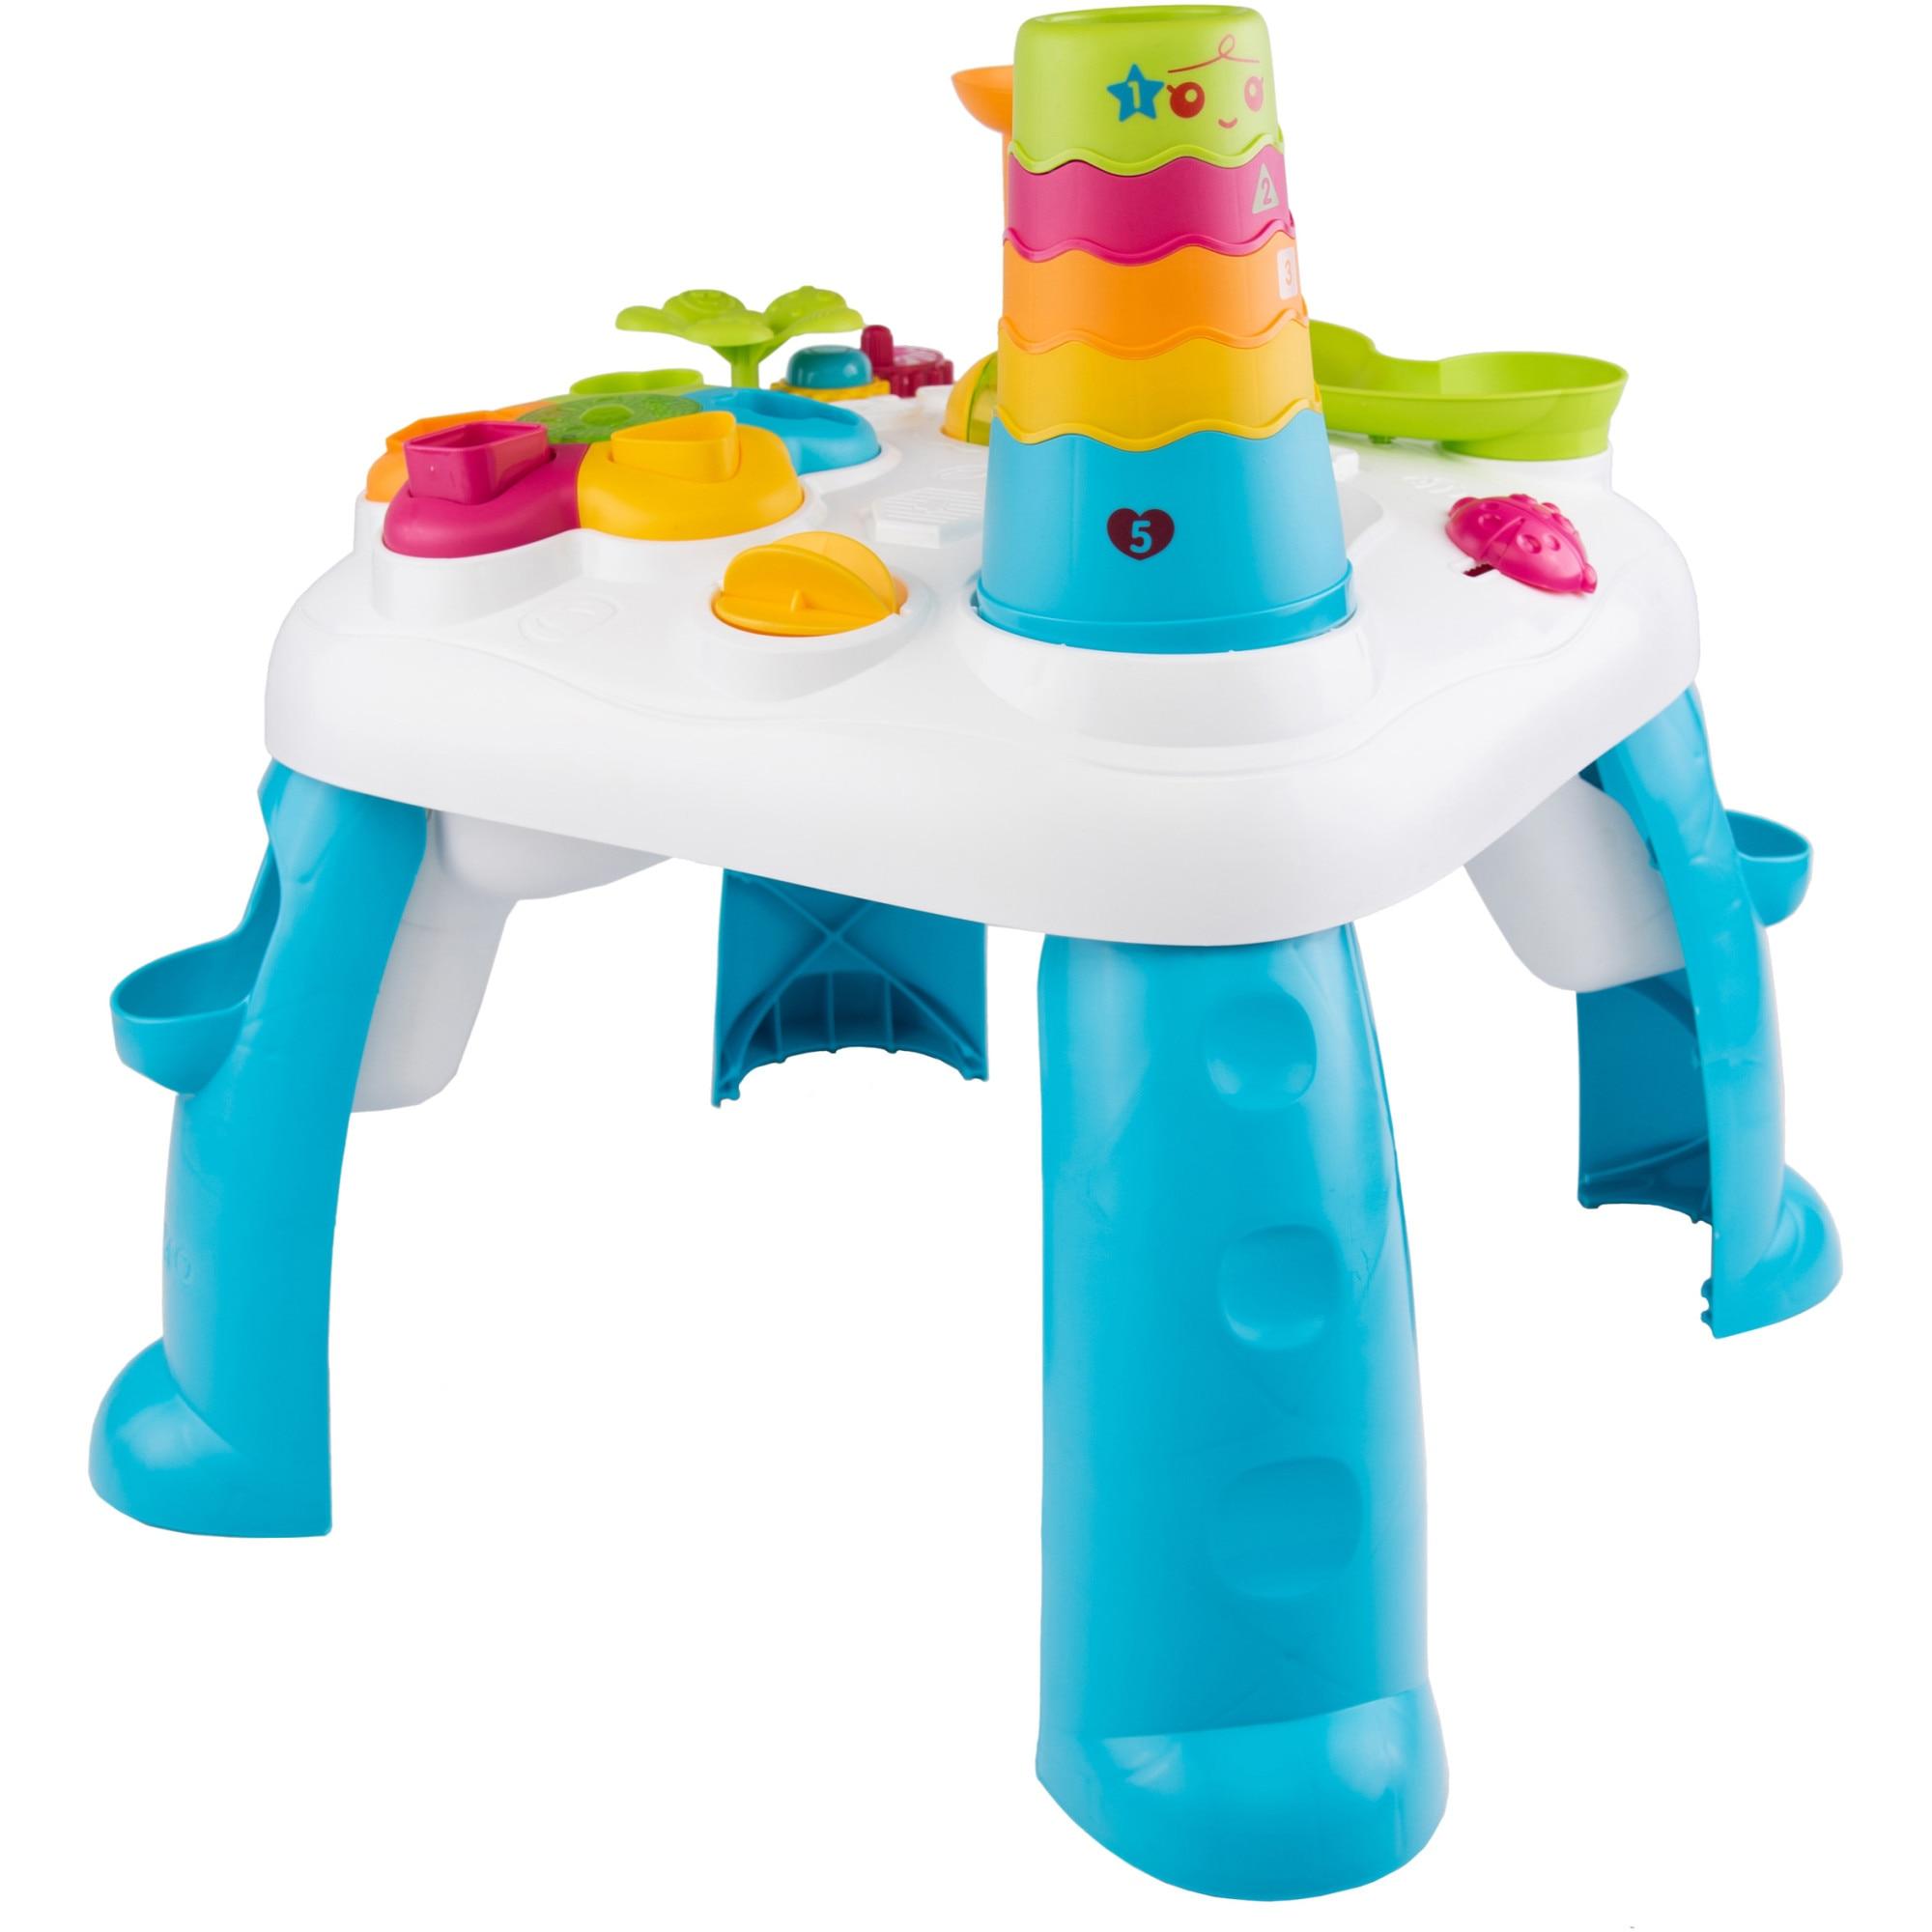 Fotografie Masuta de joaca M-Toys cu lumini si sunete, turcoaz